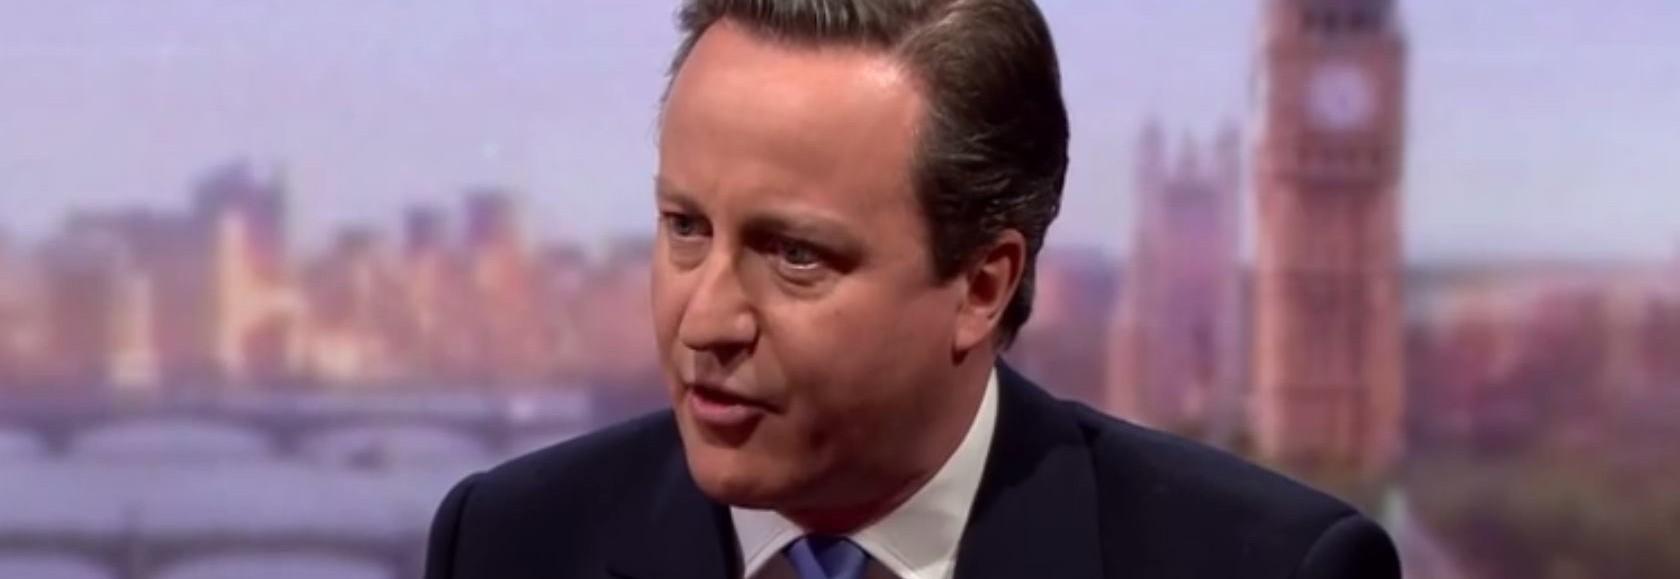 VIDEO: Govori Davida Camerona u Britanskom parlamentu